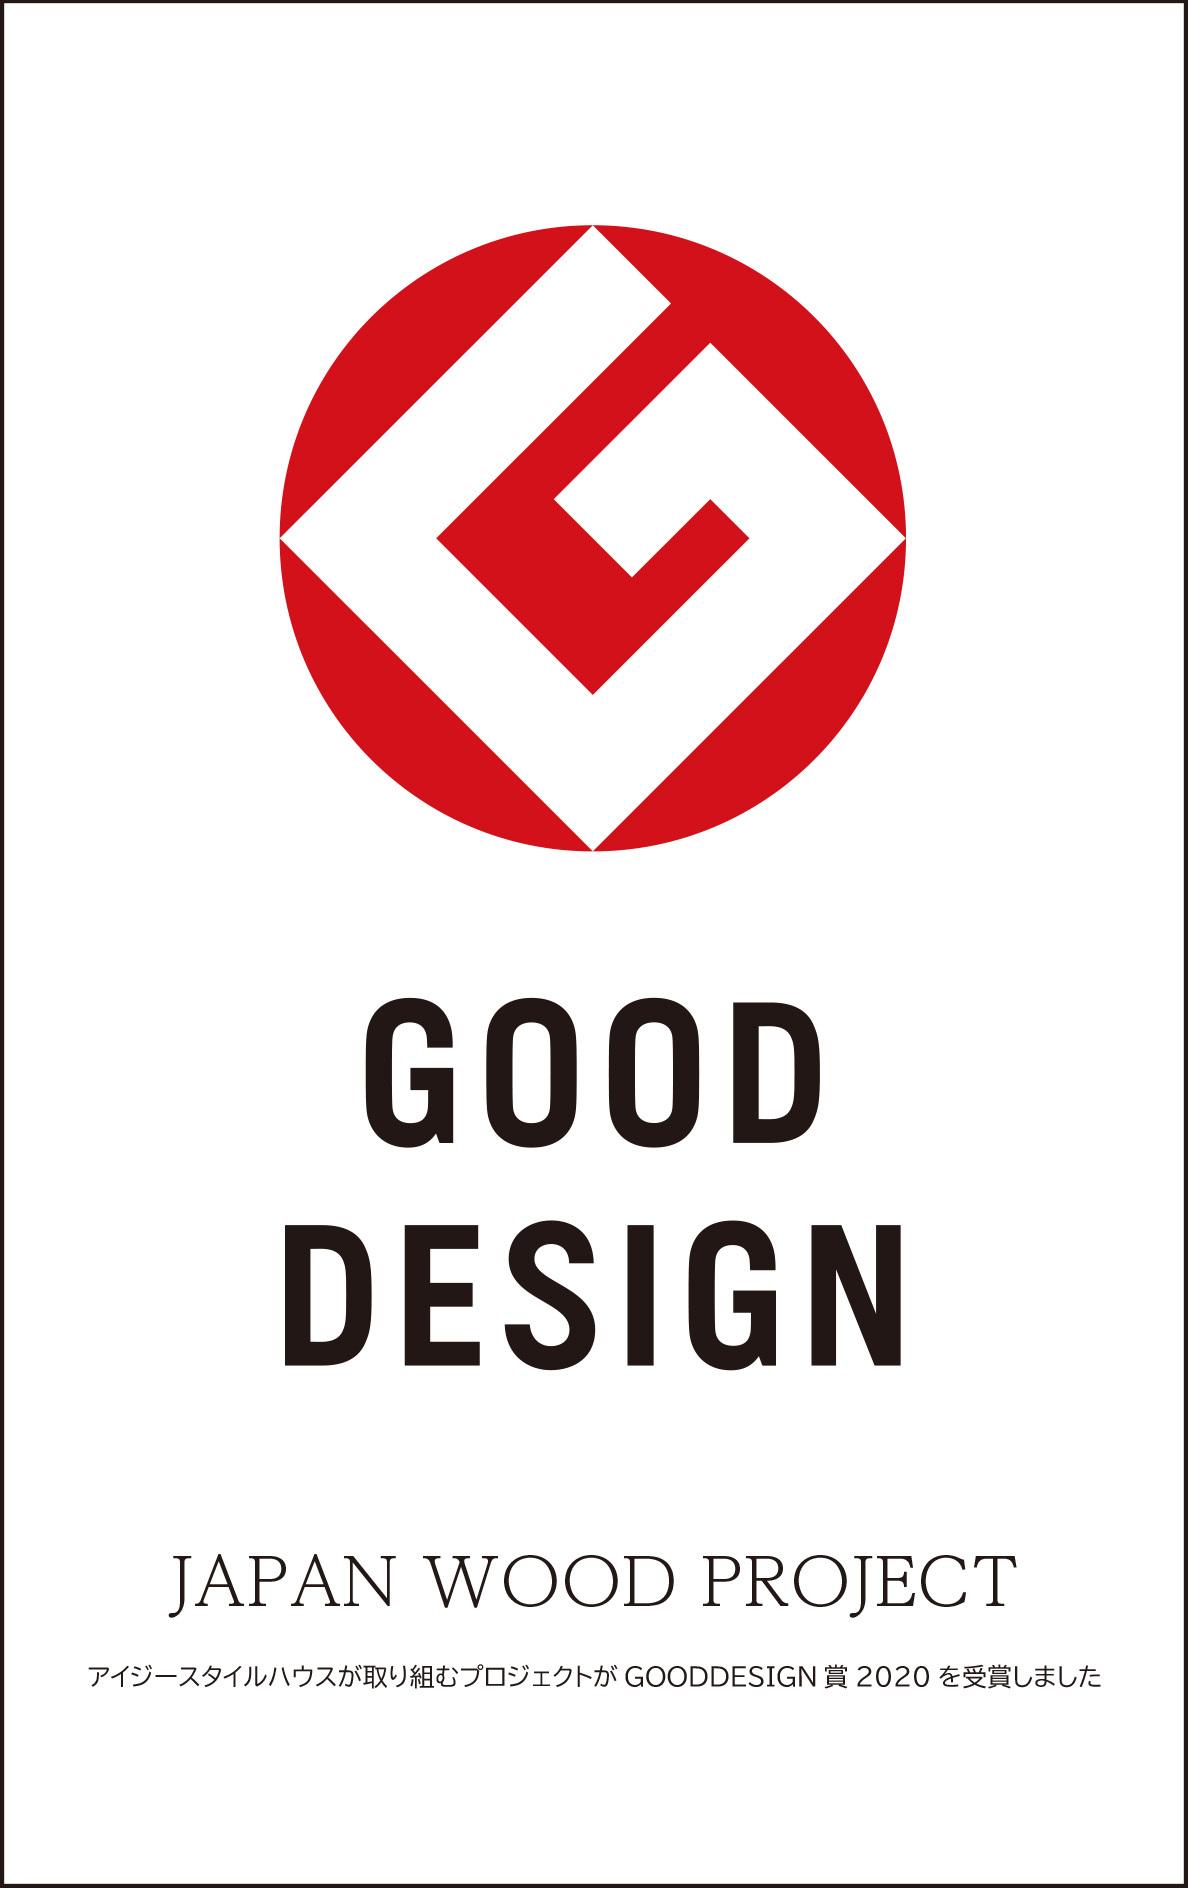 グッドデザイン賞を受賞 ジャパンウッドプロジェクト